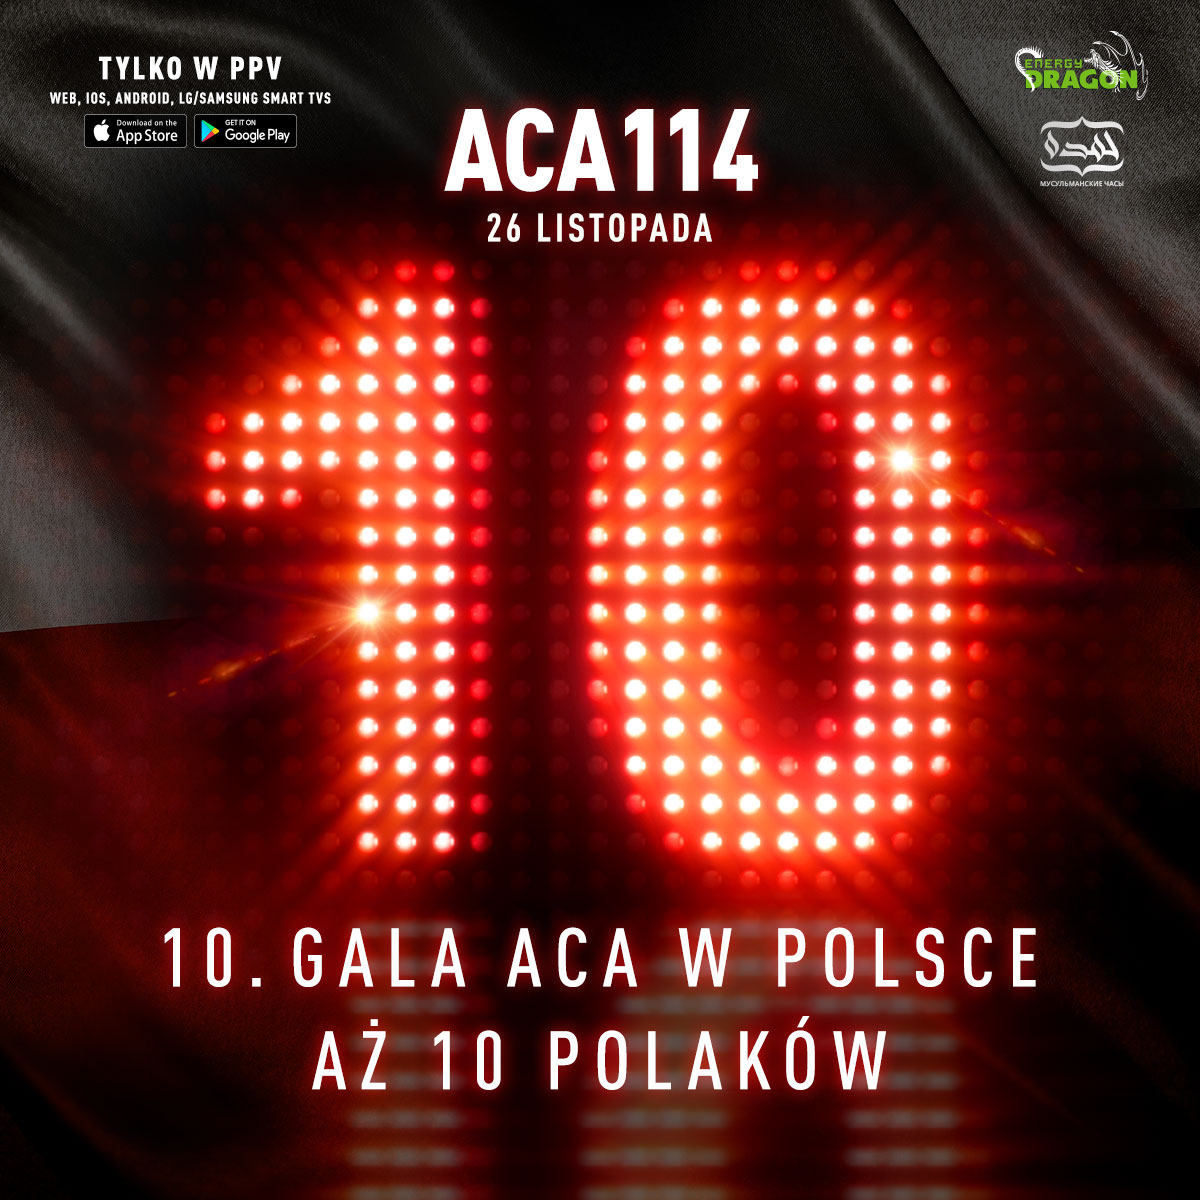 🔥 ACA 114 📌 26 listopada 💻 Tylko w PPV  👊🏼 26 listopada wracamy do Polski na naszą 10 jubileuszową galę ACA!  🤔 Kogo chcielibyscie zobaczyć w walce wieczoru? https://t.co/z4F1U5GSNa